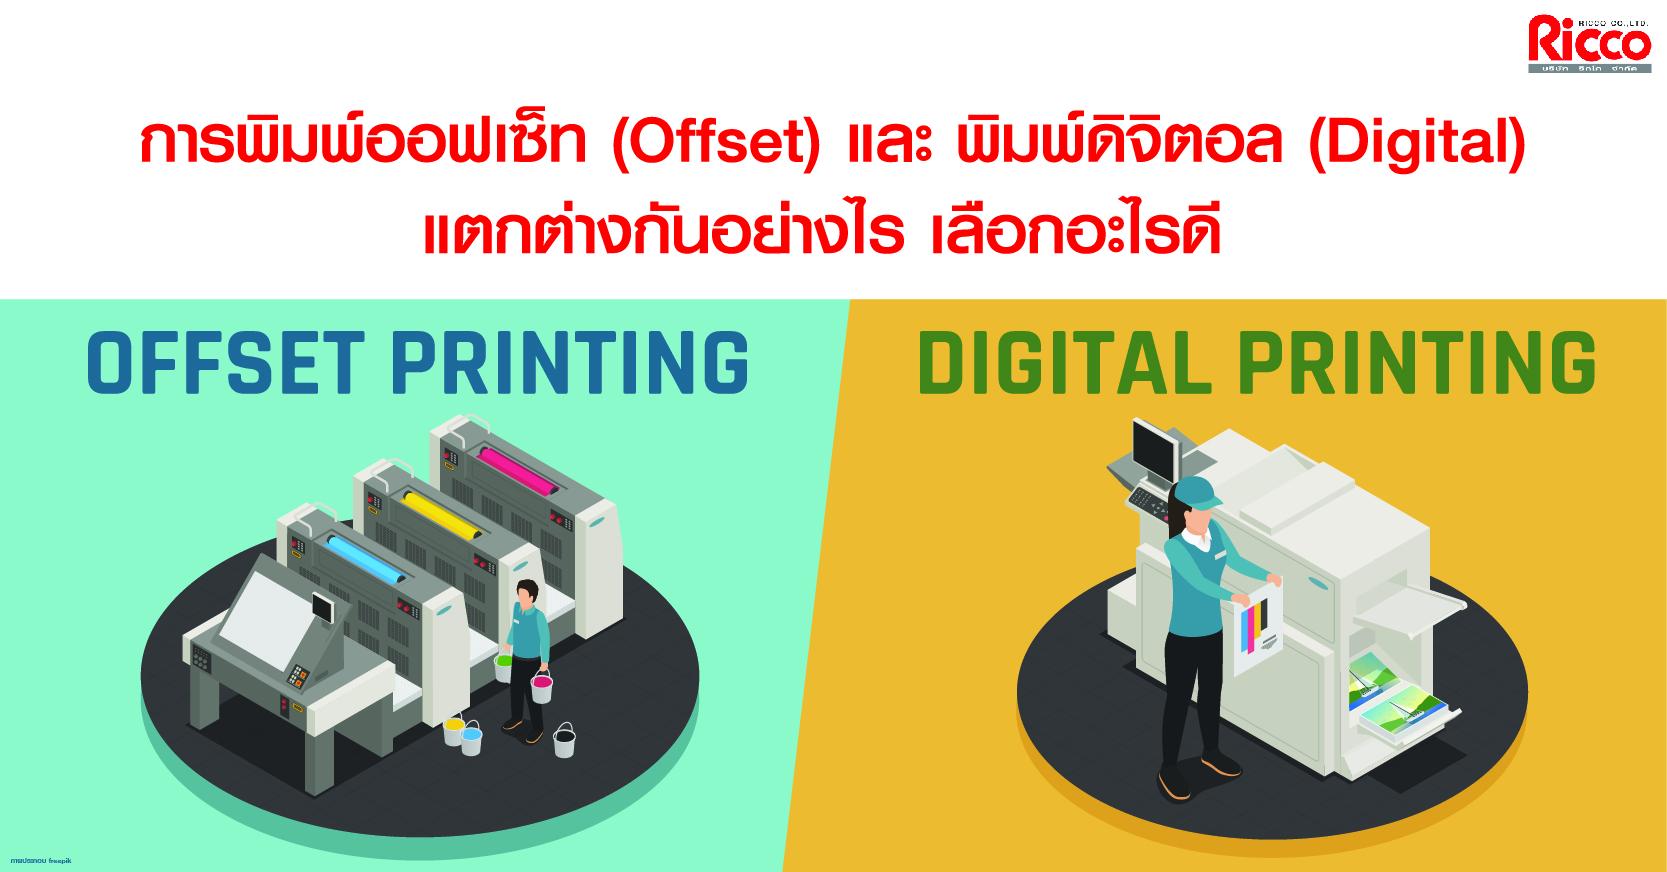 รูป content 1200x628 offset digital 01 - ประกอบเนื้อหา การพิมพ์ออฟเซ็ท (Offset) และ พิมพ์ดิจิตอล (Digital) แตกต่างกันอย่างไร เลือกอะไรดี